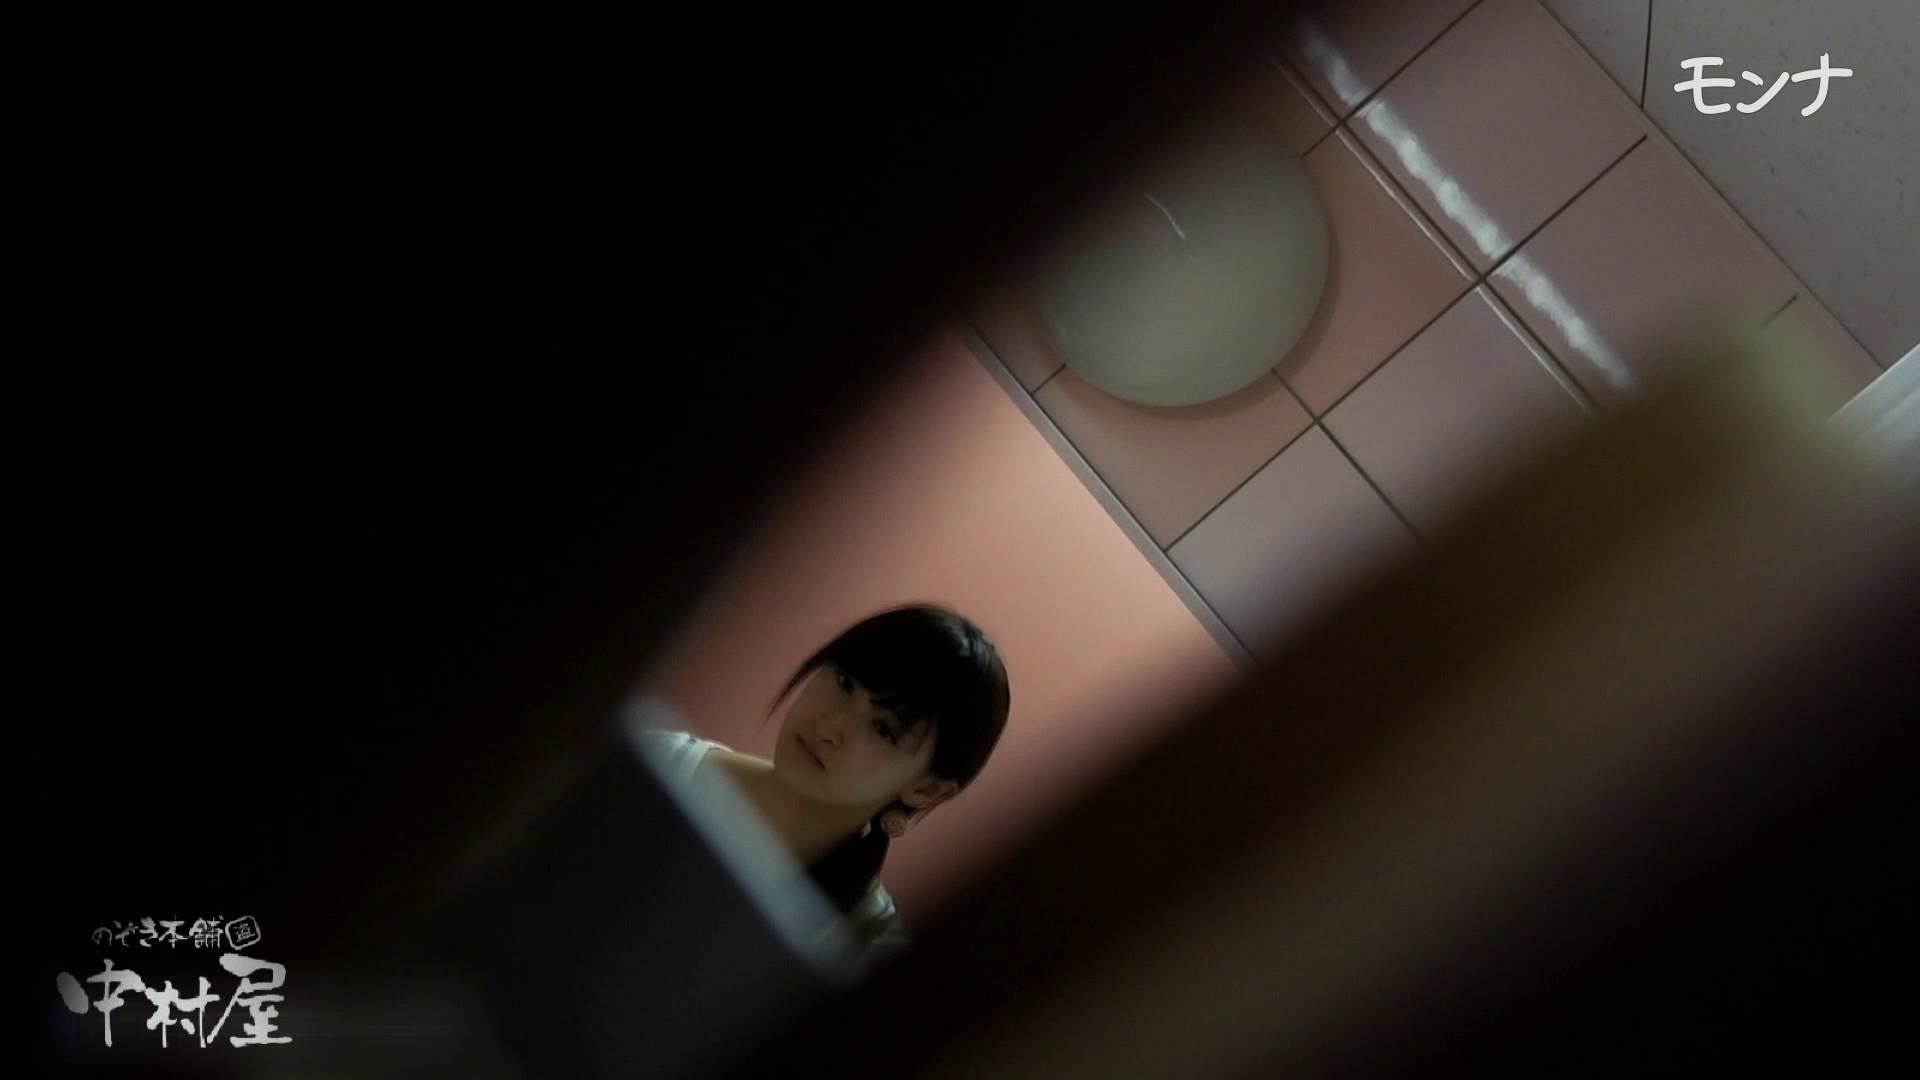 無修正エロ動画|美しい日本の未来 No.55 普通の子たちの日常調長身あり|のぞき本舗 中村屋